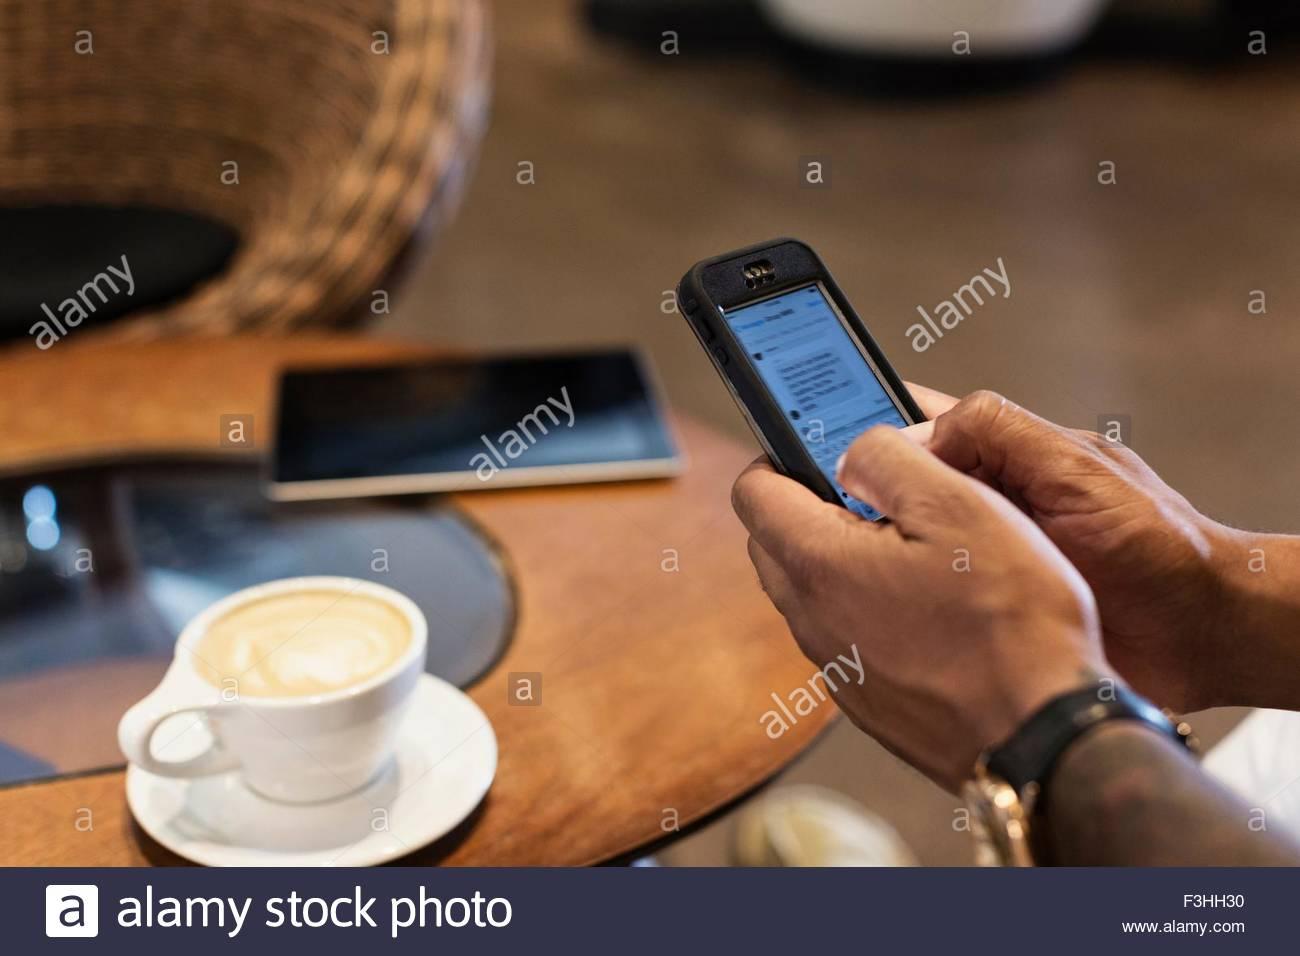 Jeune homme dans un café à l'aide de smartphone, l'accent sur les mains Photo Stock